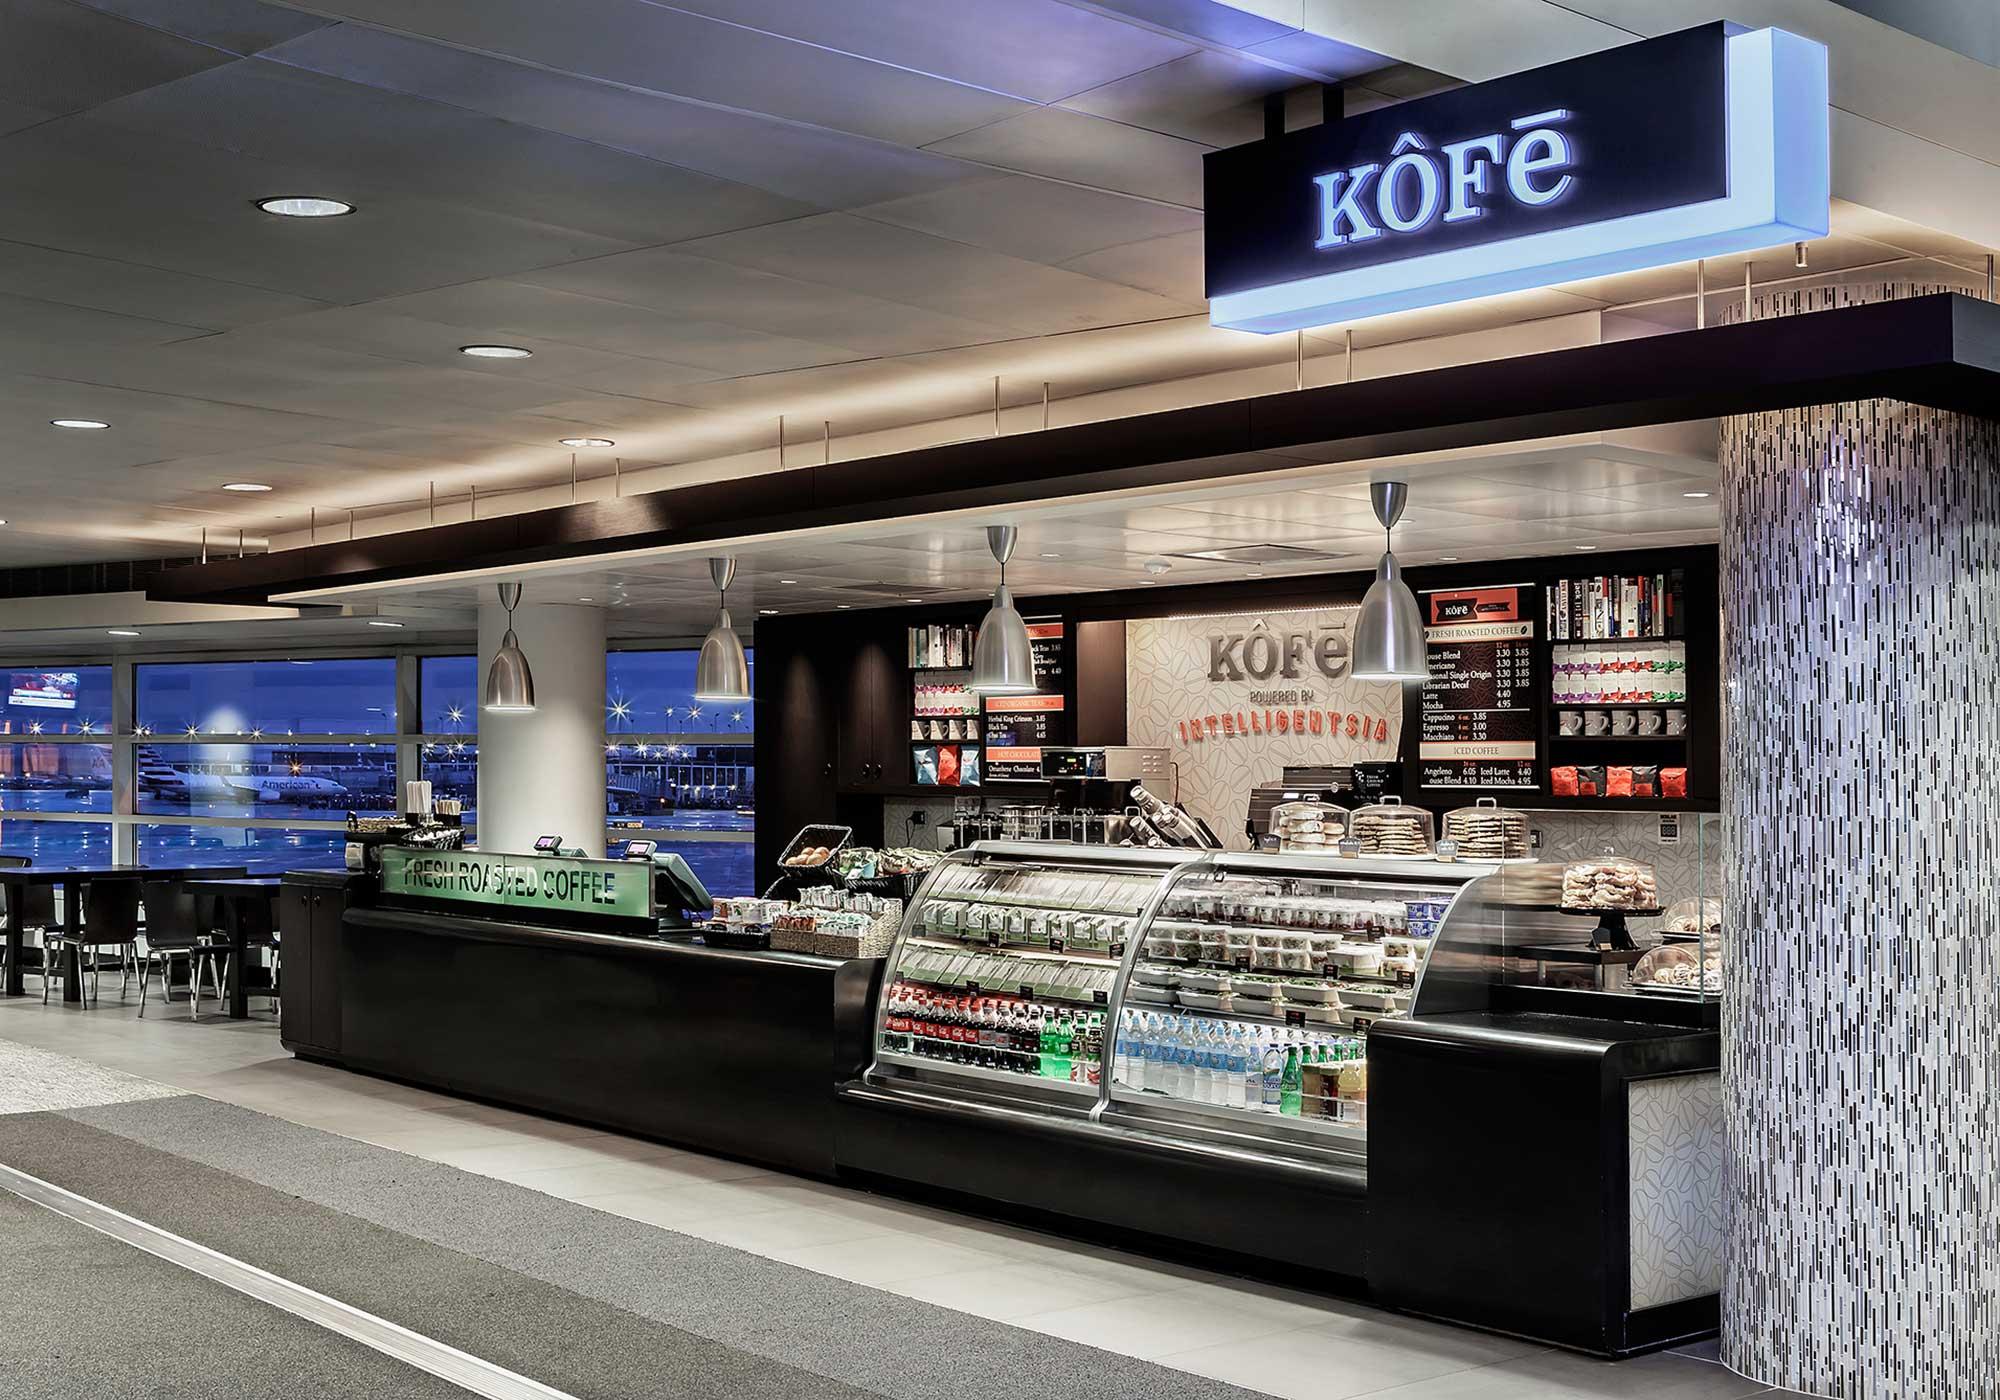 Kofe counter display